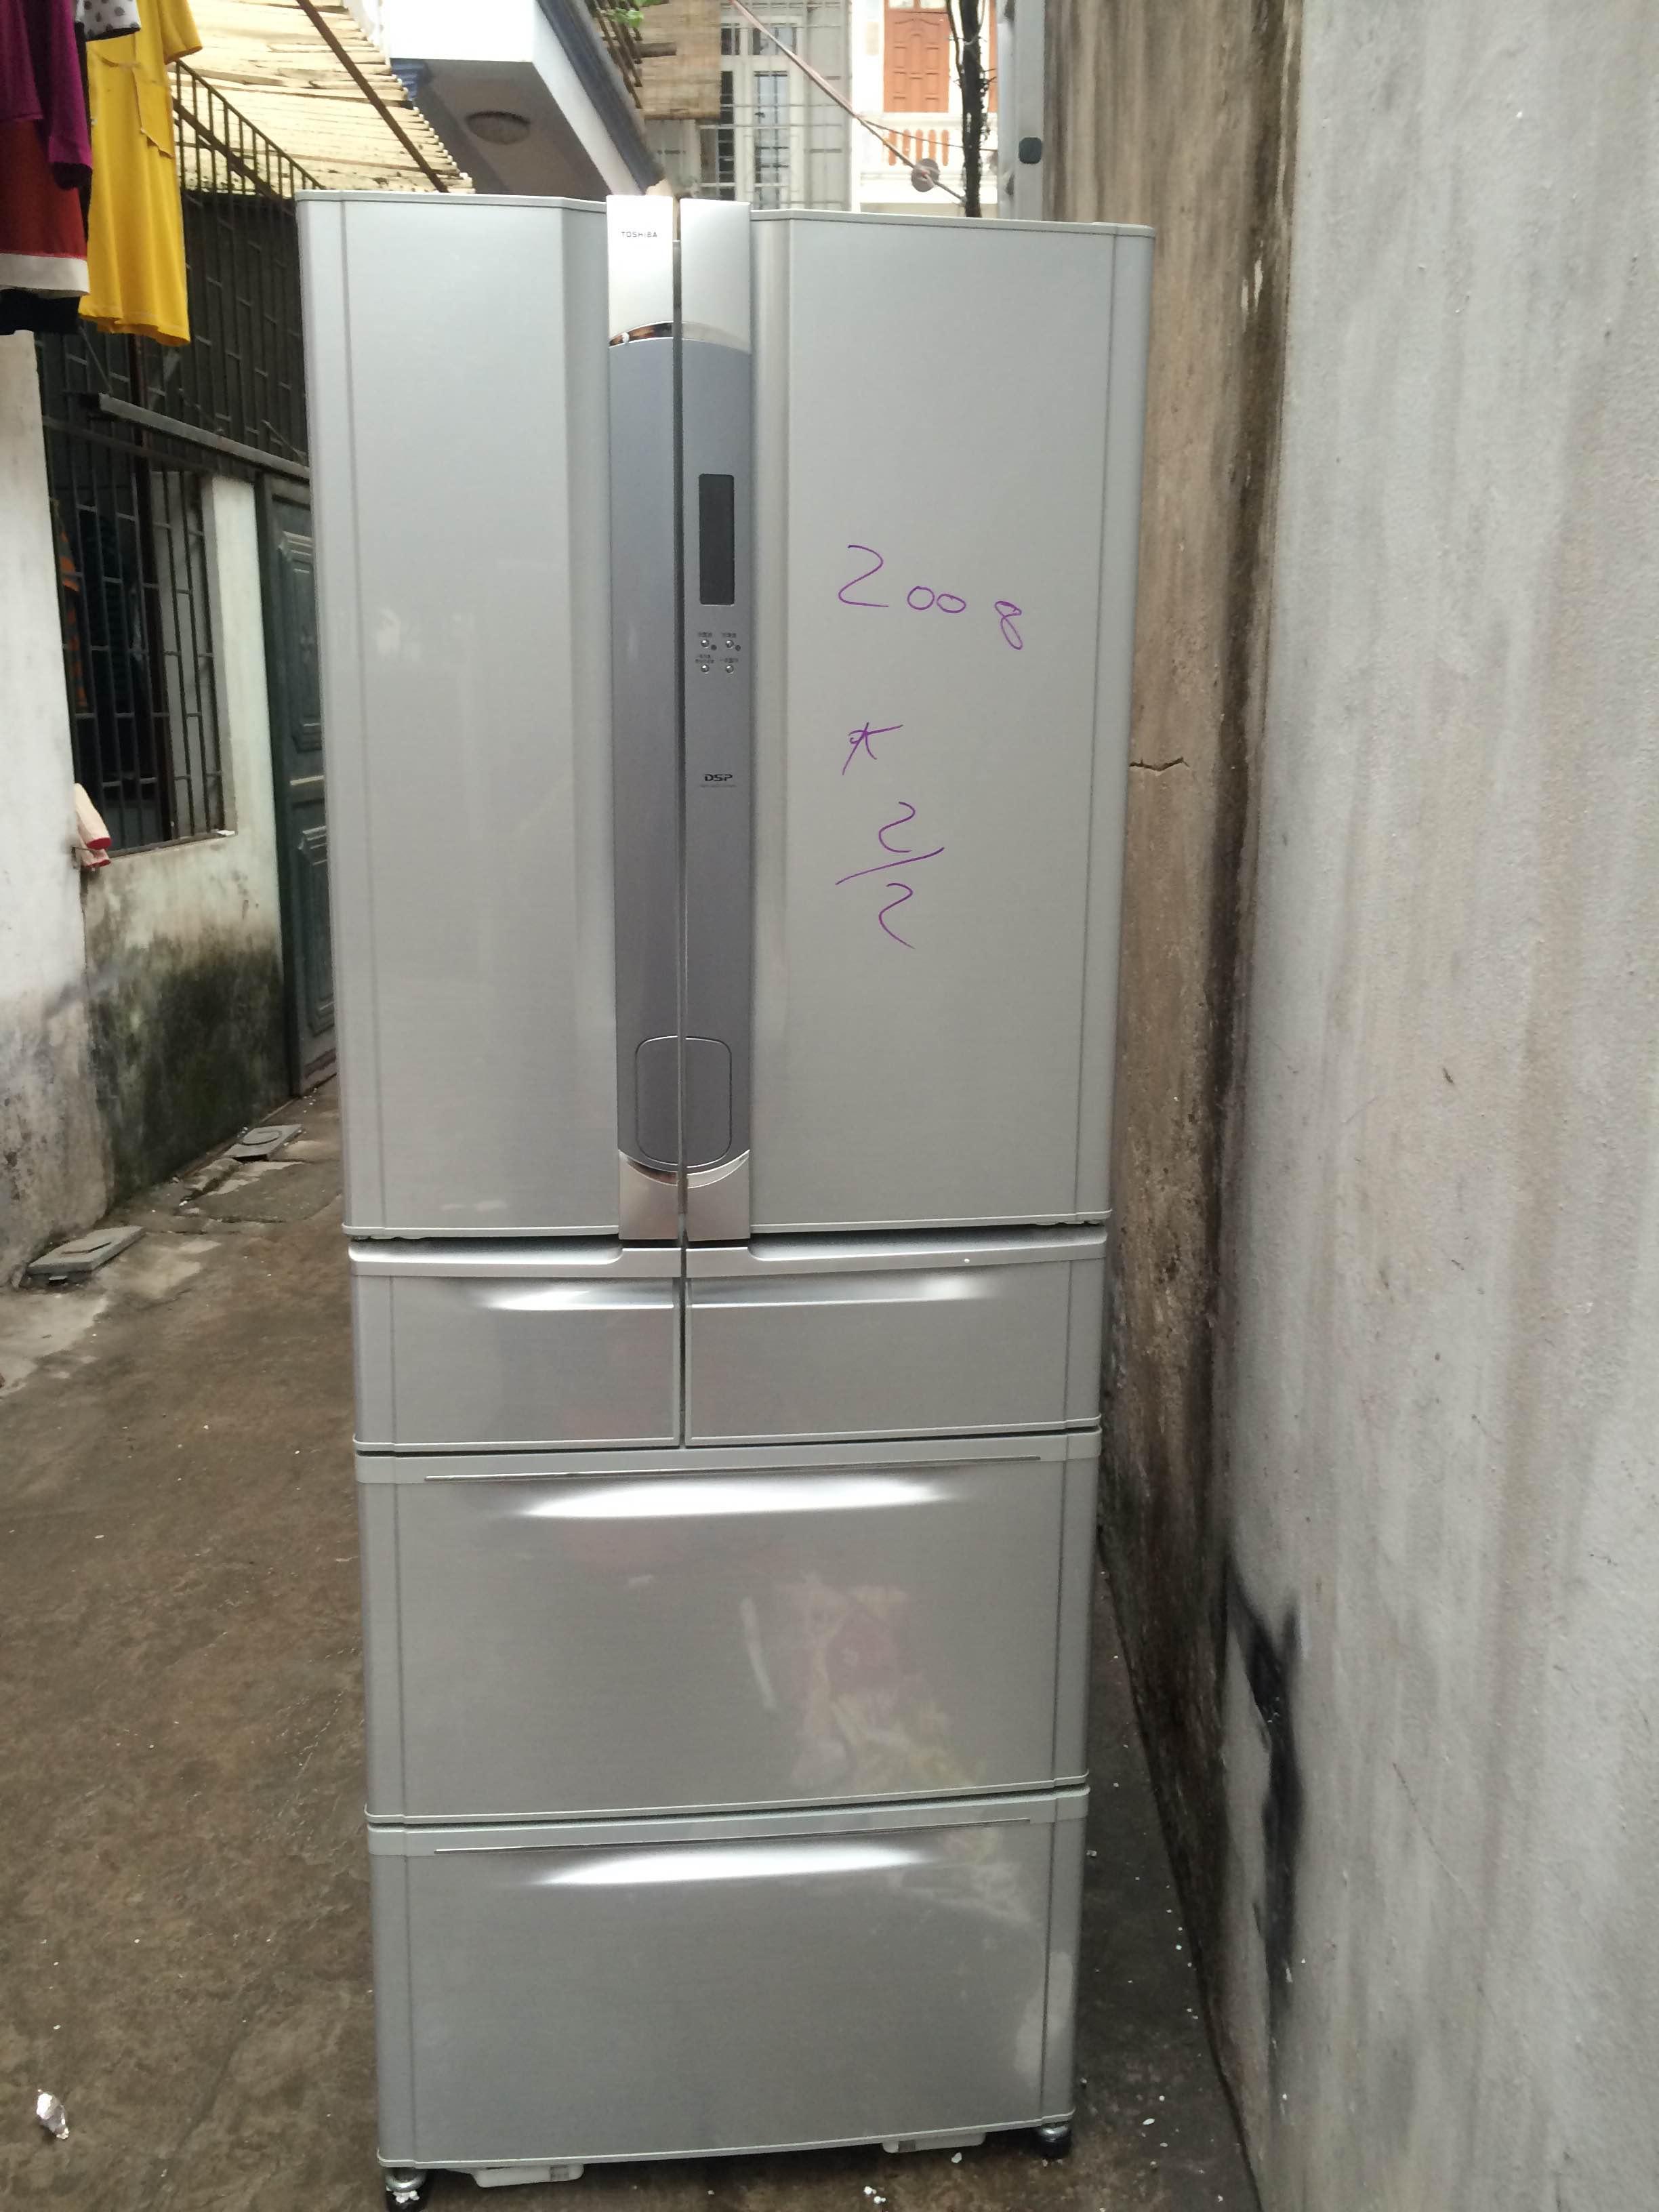 Tủ lạnh cũ nhật i tủ lạnh nội địa nhật toshiba,sharp,mitsubishi... bh 1 năm - 15